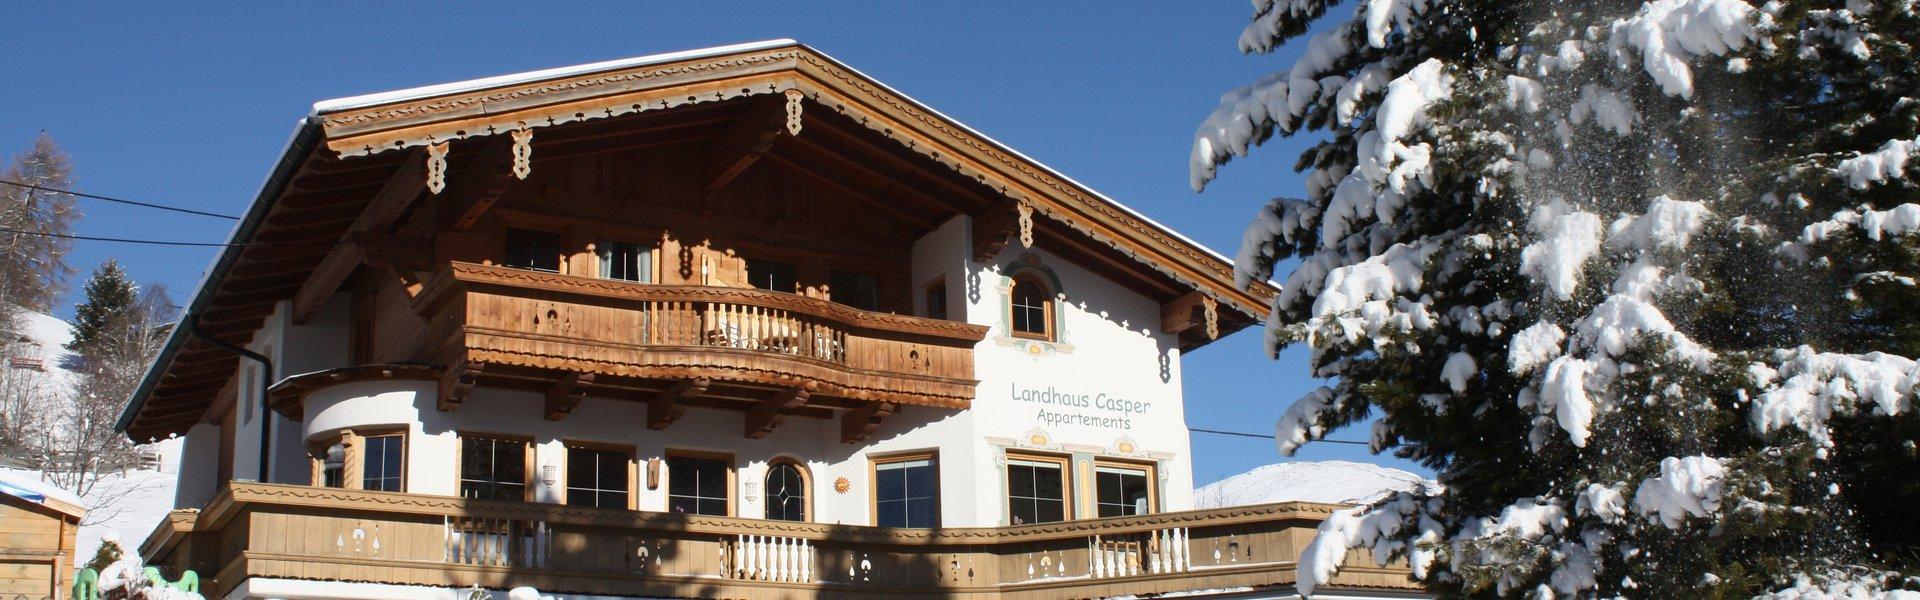 Landhaus Casper - Winter ©Kalle's Appartements